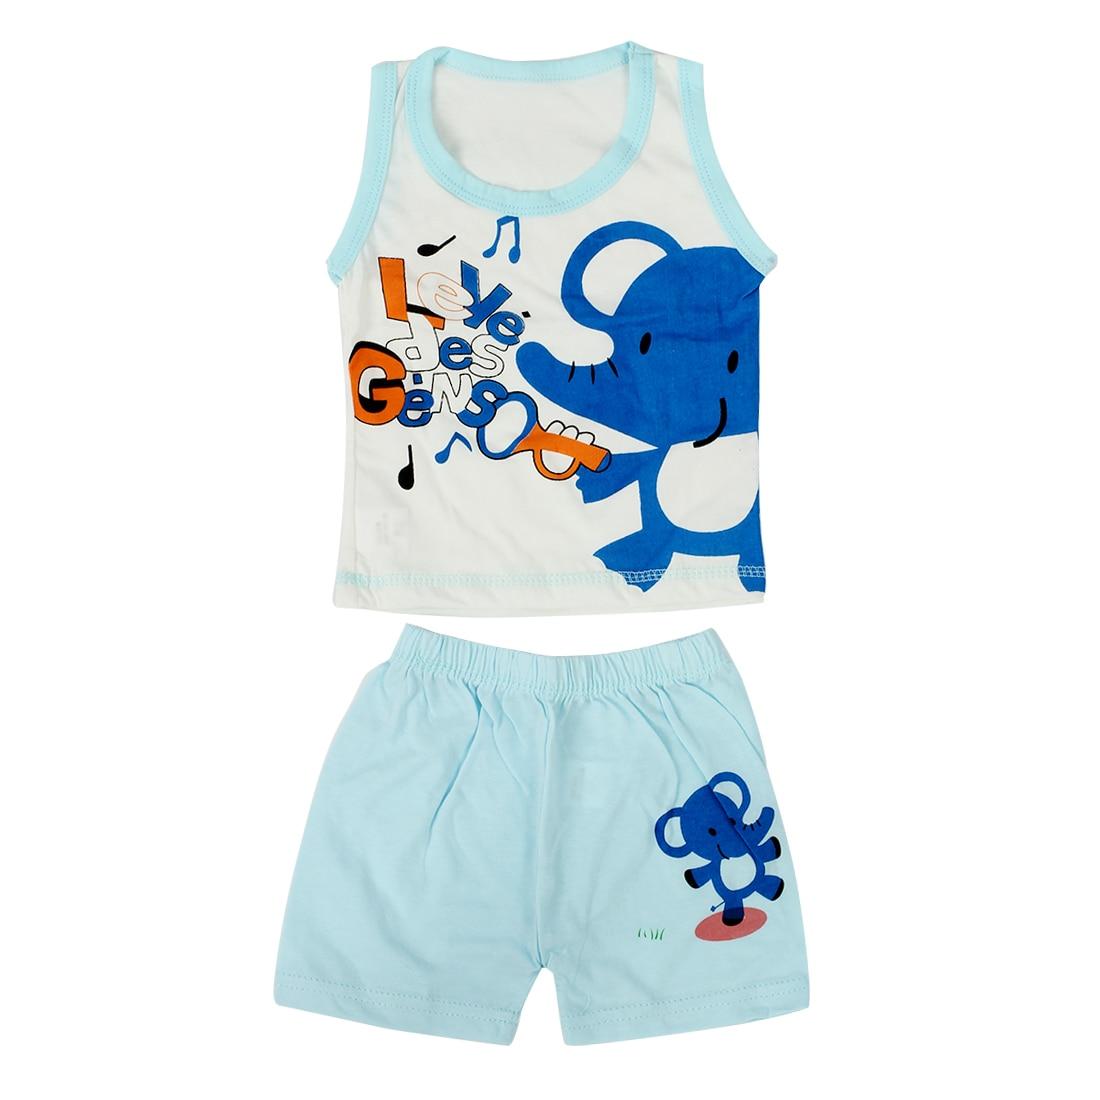 Одежда для малышей Комплект для мальчиков и девочек футболка + брюки майку шорты, дети пижамы набор, дети футболки Новый